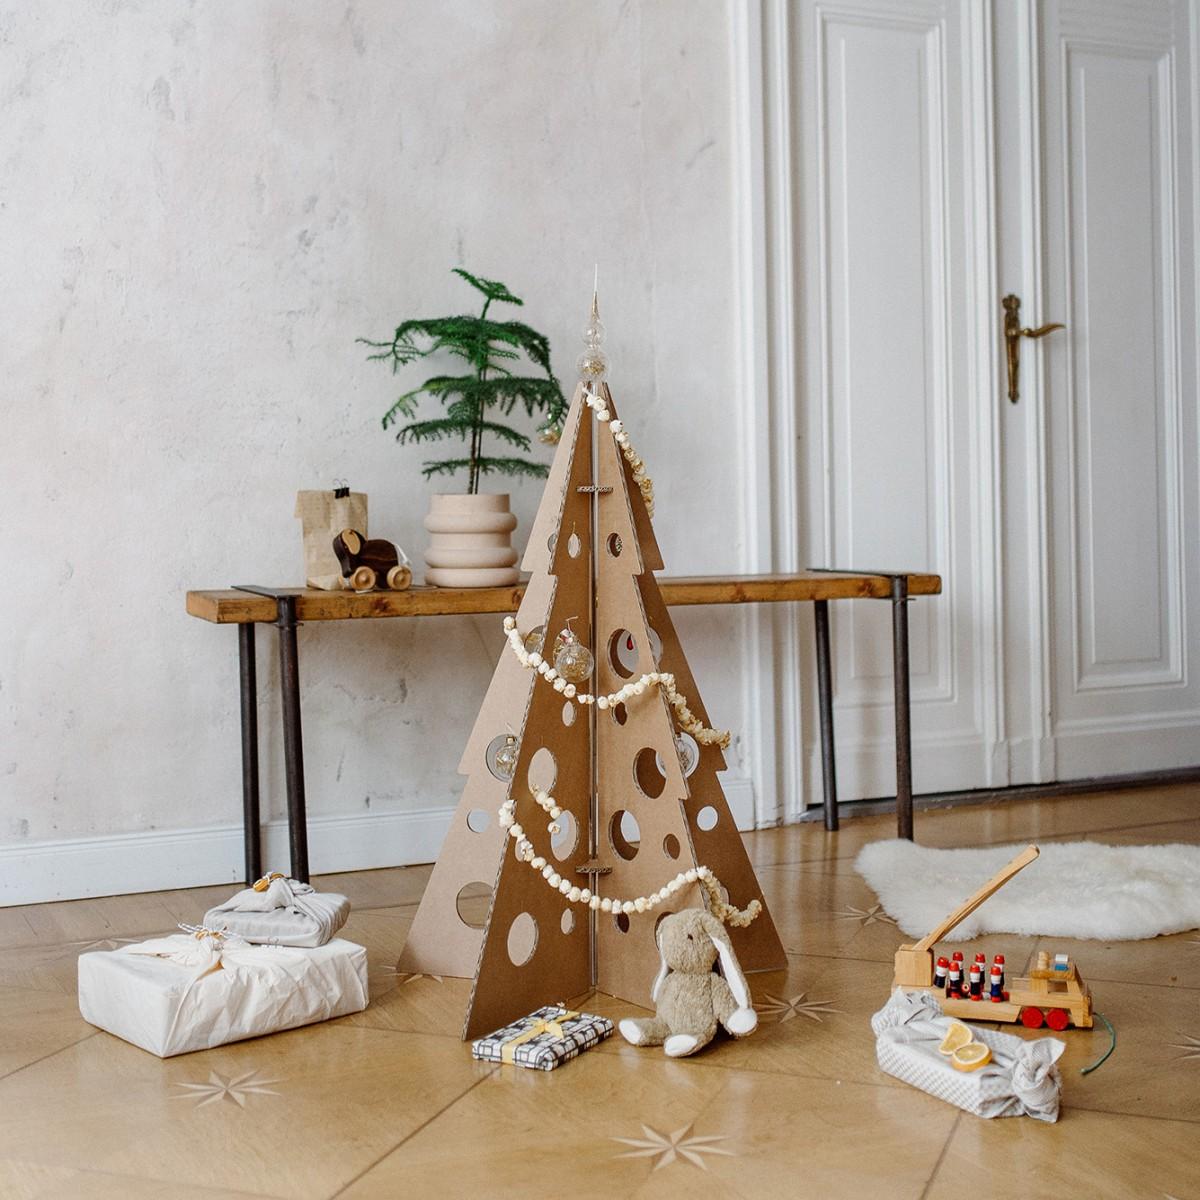 Zero Waste Weihnachtsbaum - Limited Edition | ROOM IN A BOX